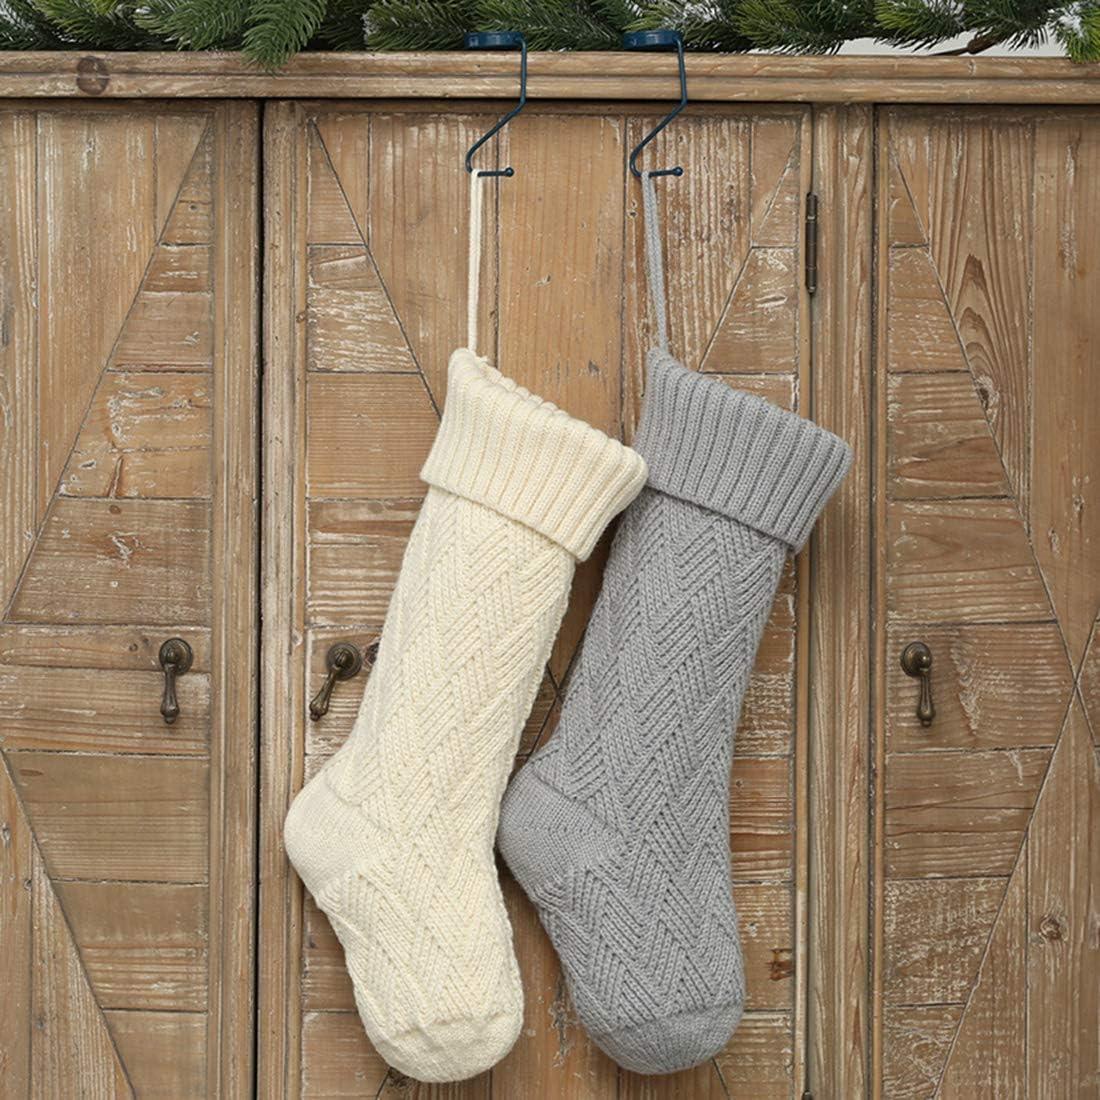 4 St/ück gro/ße Gr/ö/ße Big 46cm 2 White 2 Grau Geschenk-Socken einzigartige Farbe JaosWish gestrickte Str/ümpfe Weihnachtsstr/ümpfe 46 cm Wei/ß // Rot zum Aufh/ängen